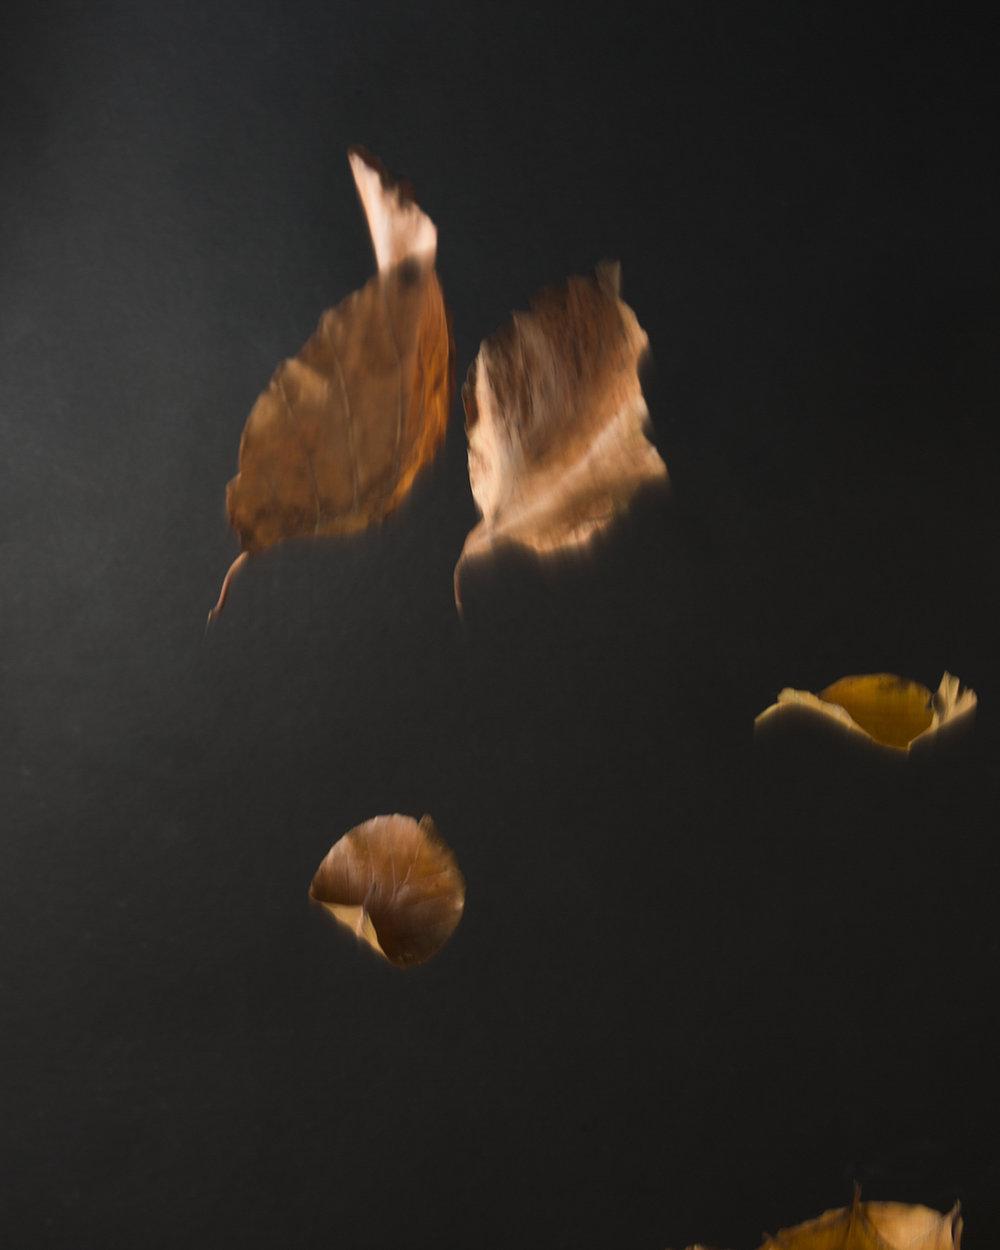 Fallling leaves ii.jpg